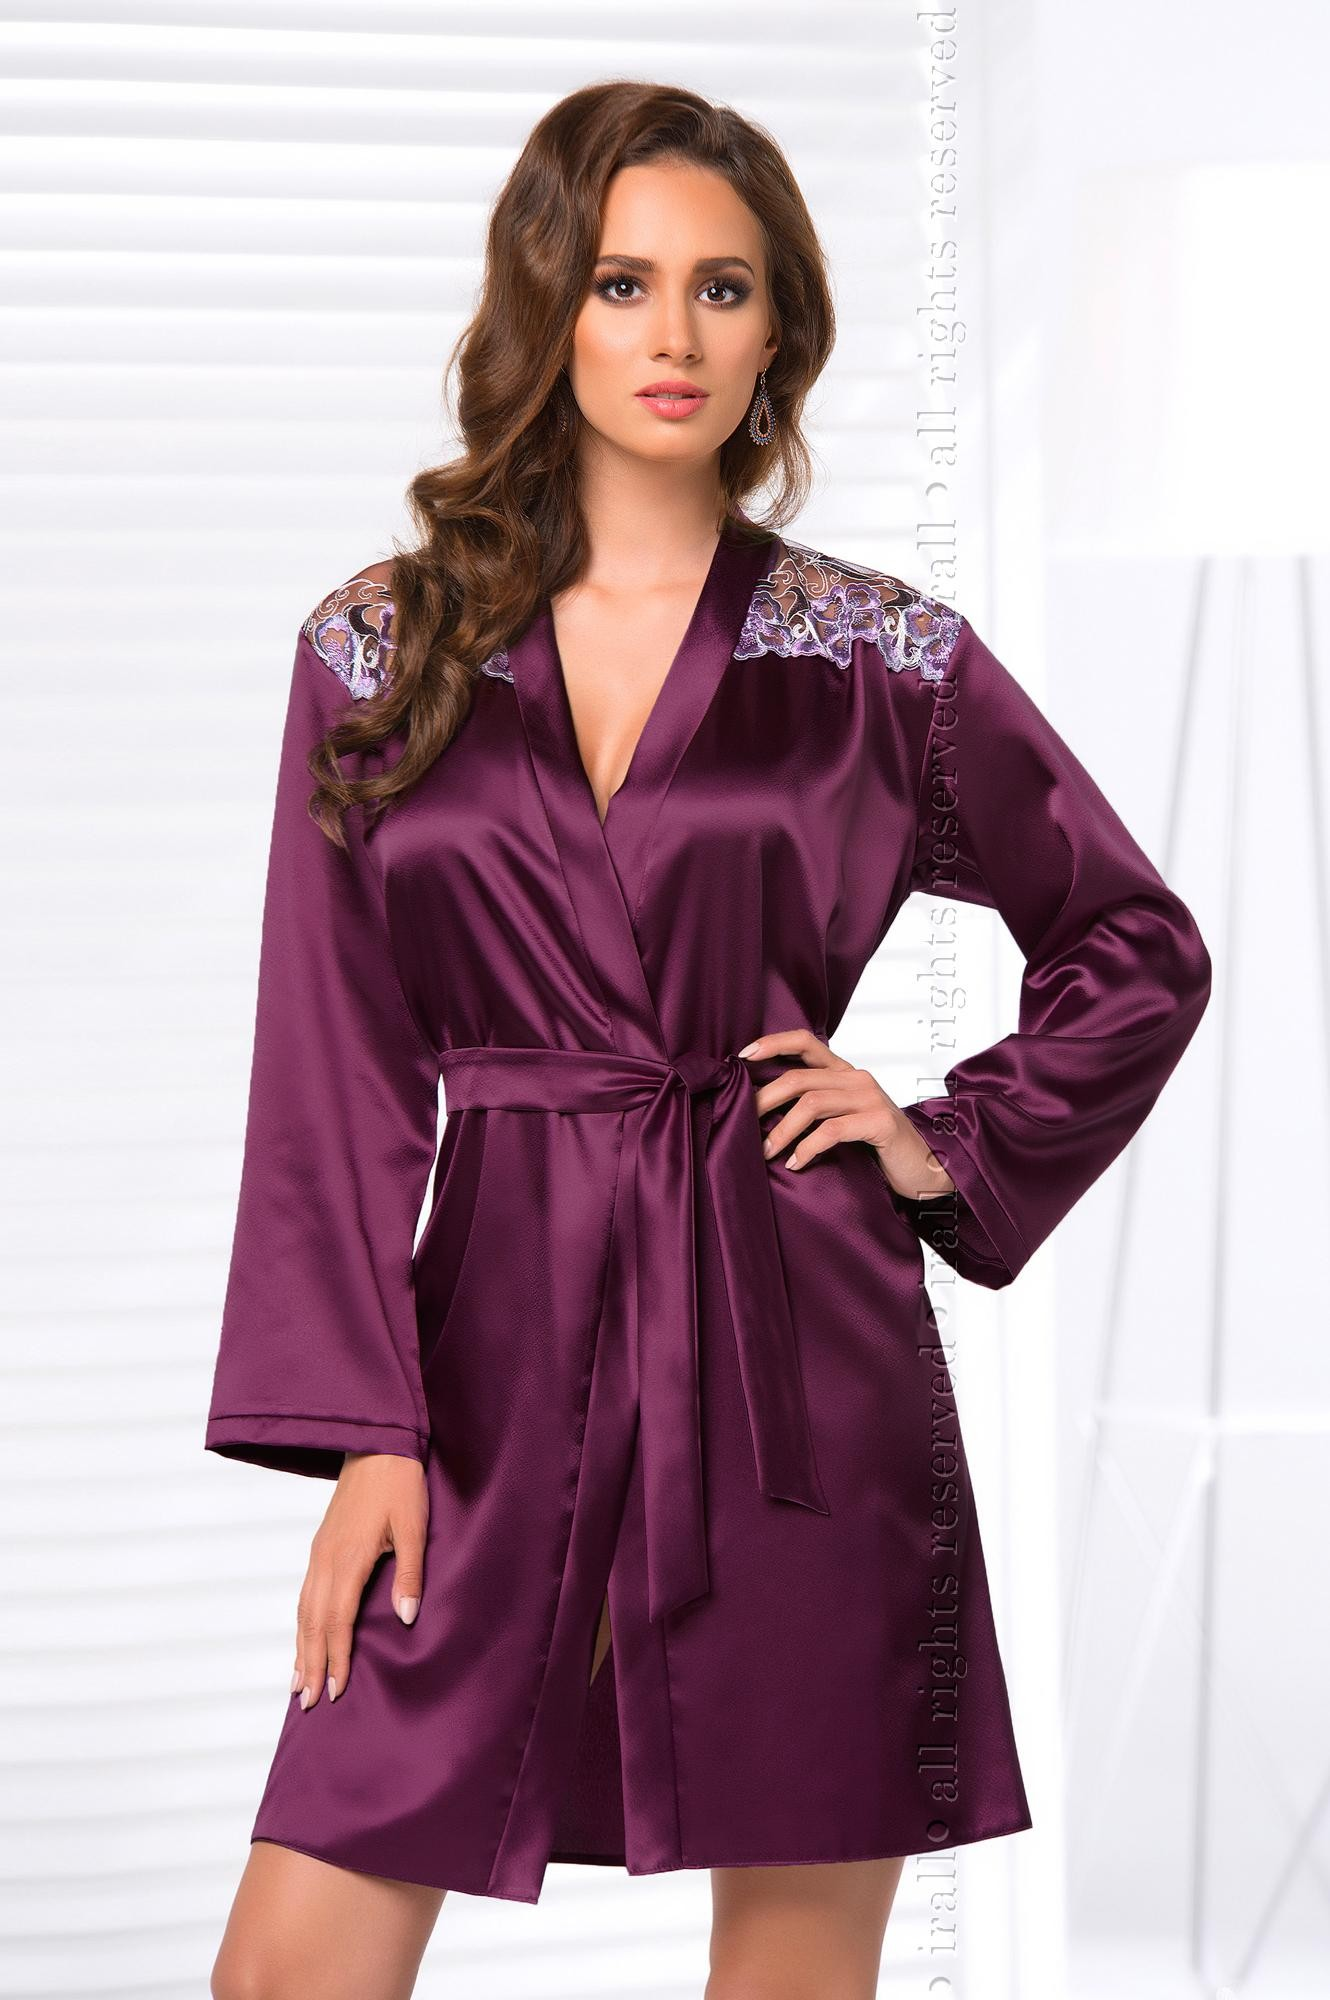 Kvalitní dámský župan ve smyslné fialové barvě